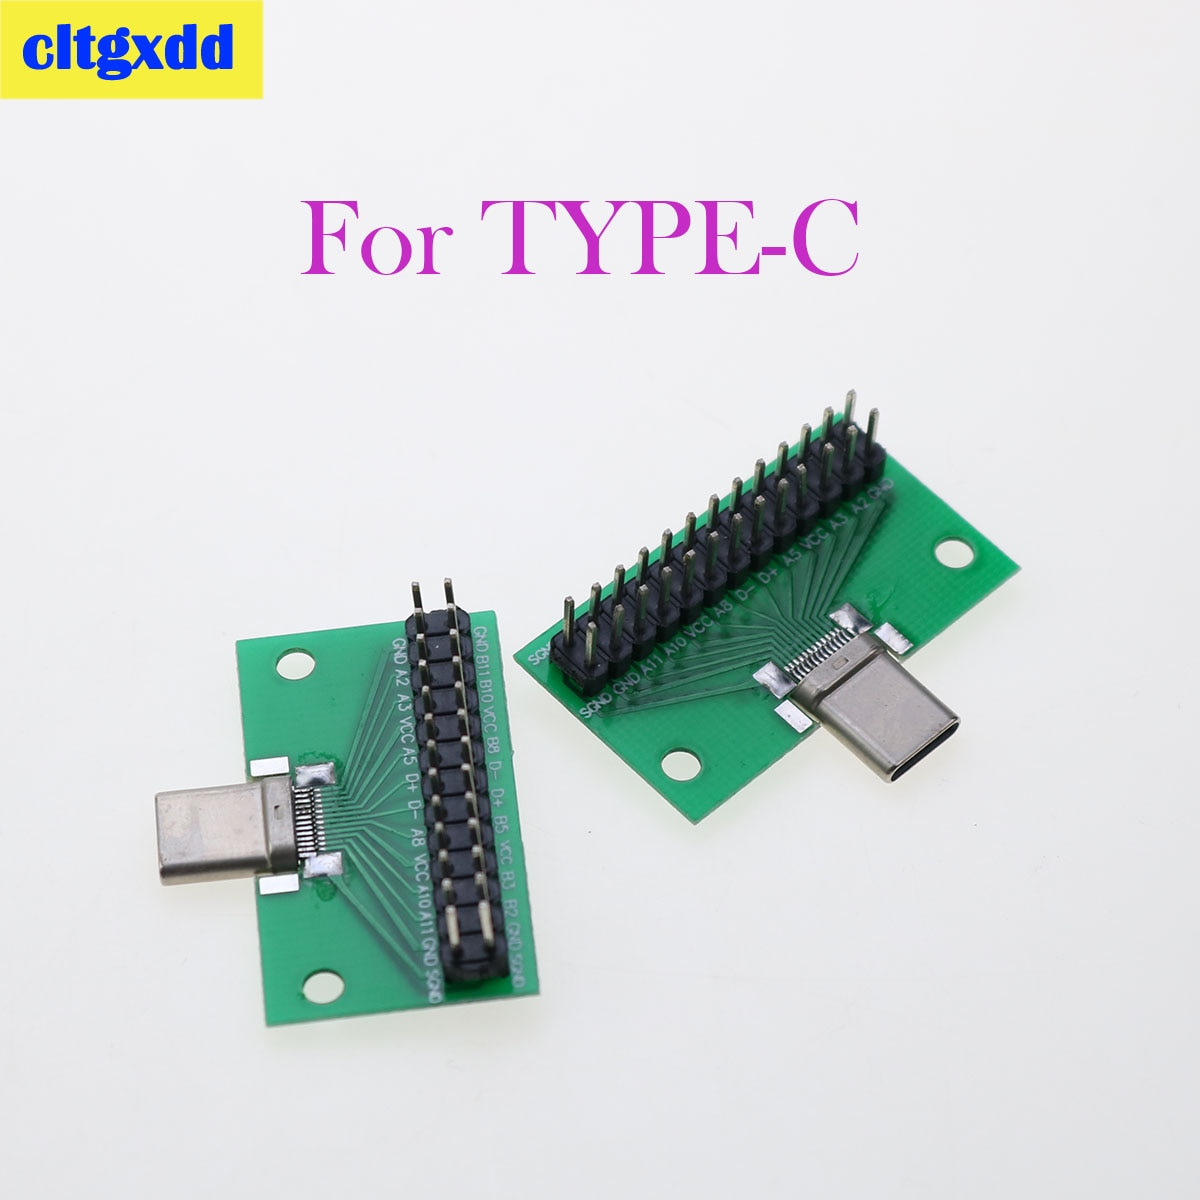 Cltgxdd 20 piezas Tipo-C macho a USB 3,1 prueba adaptador de placa...